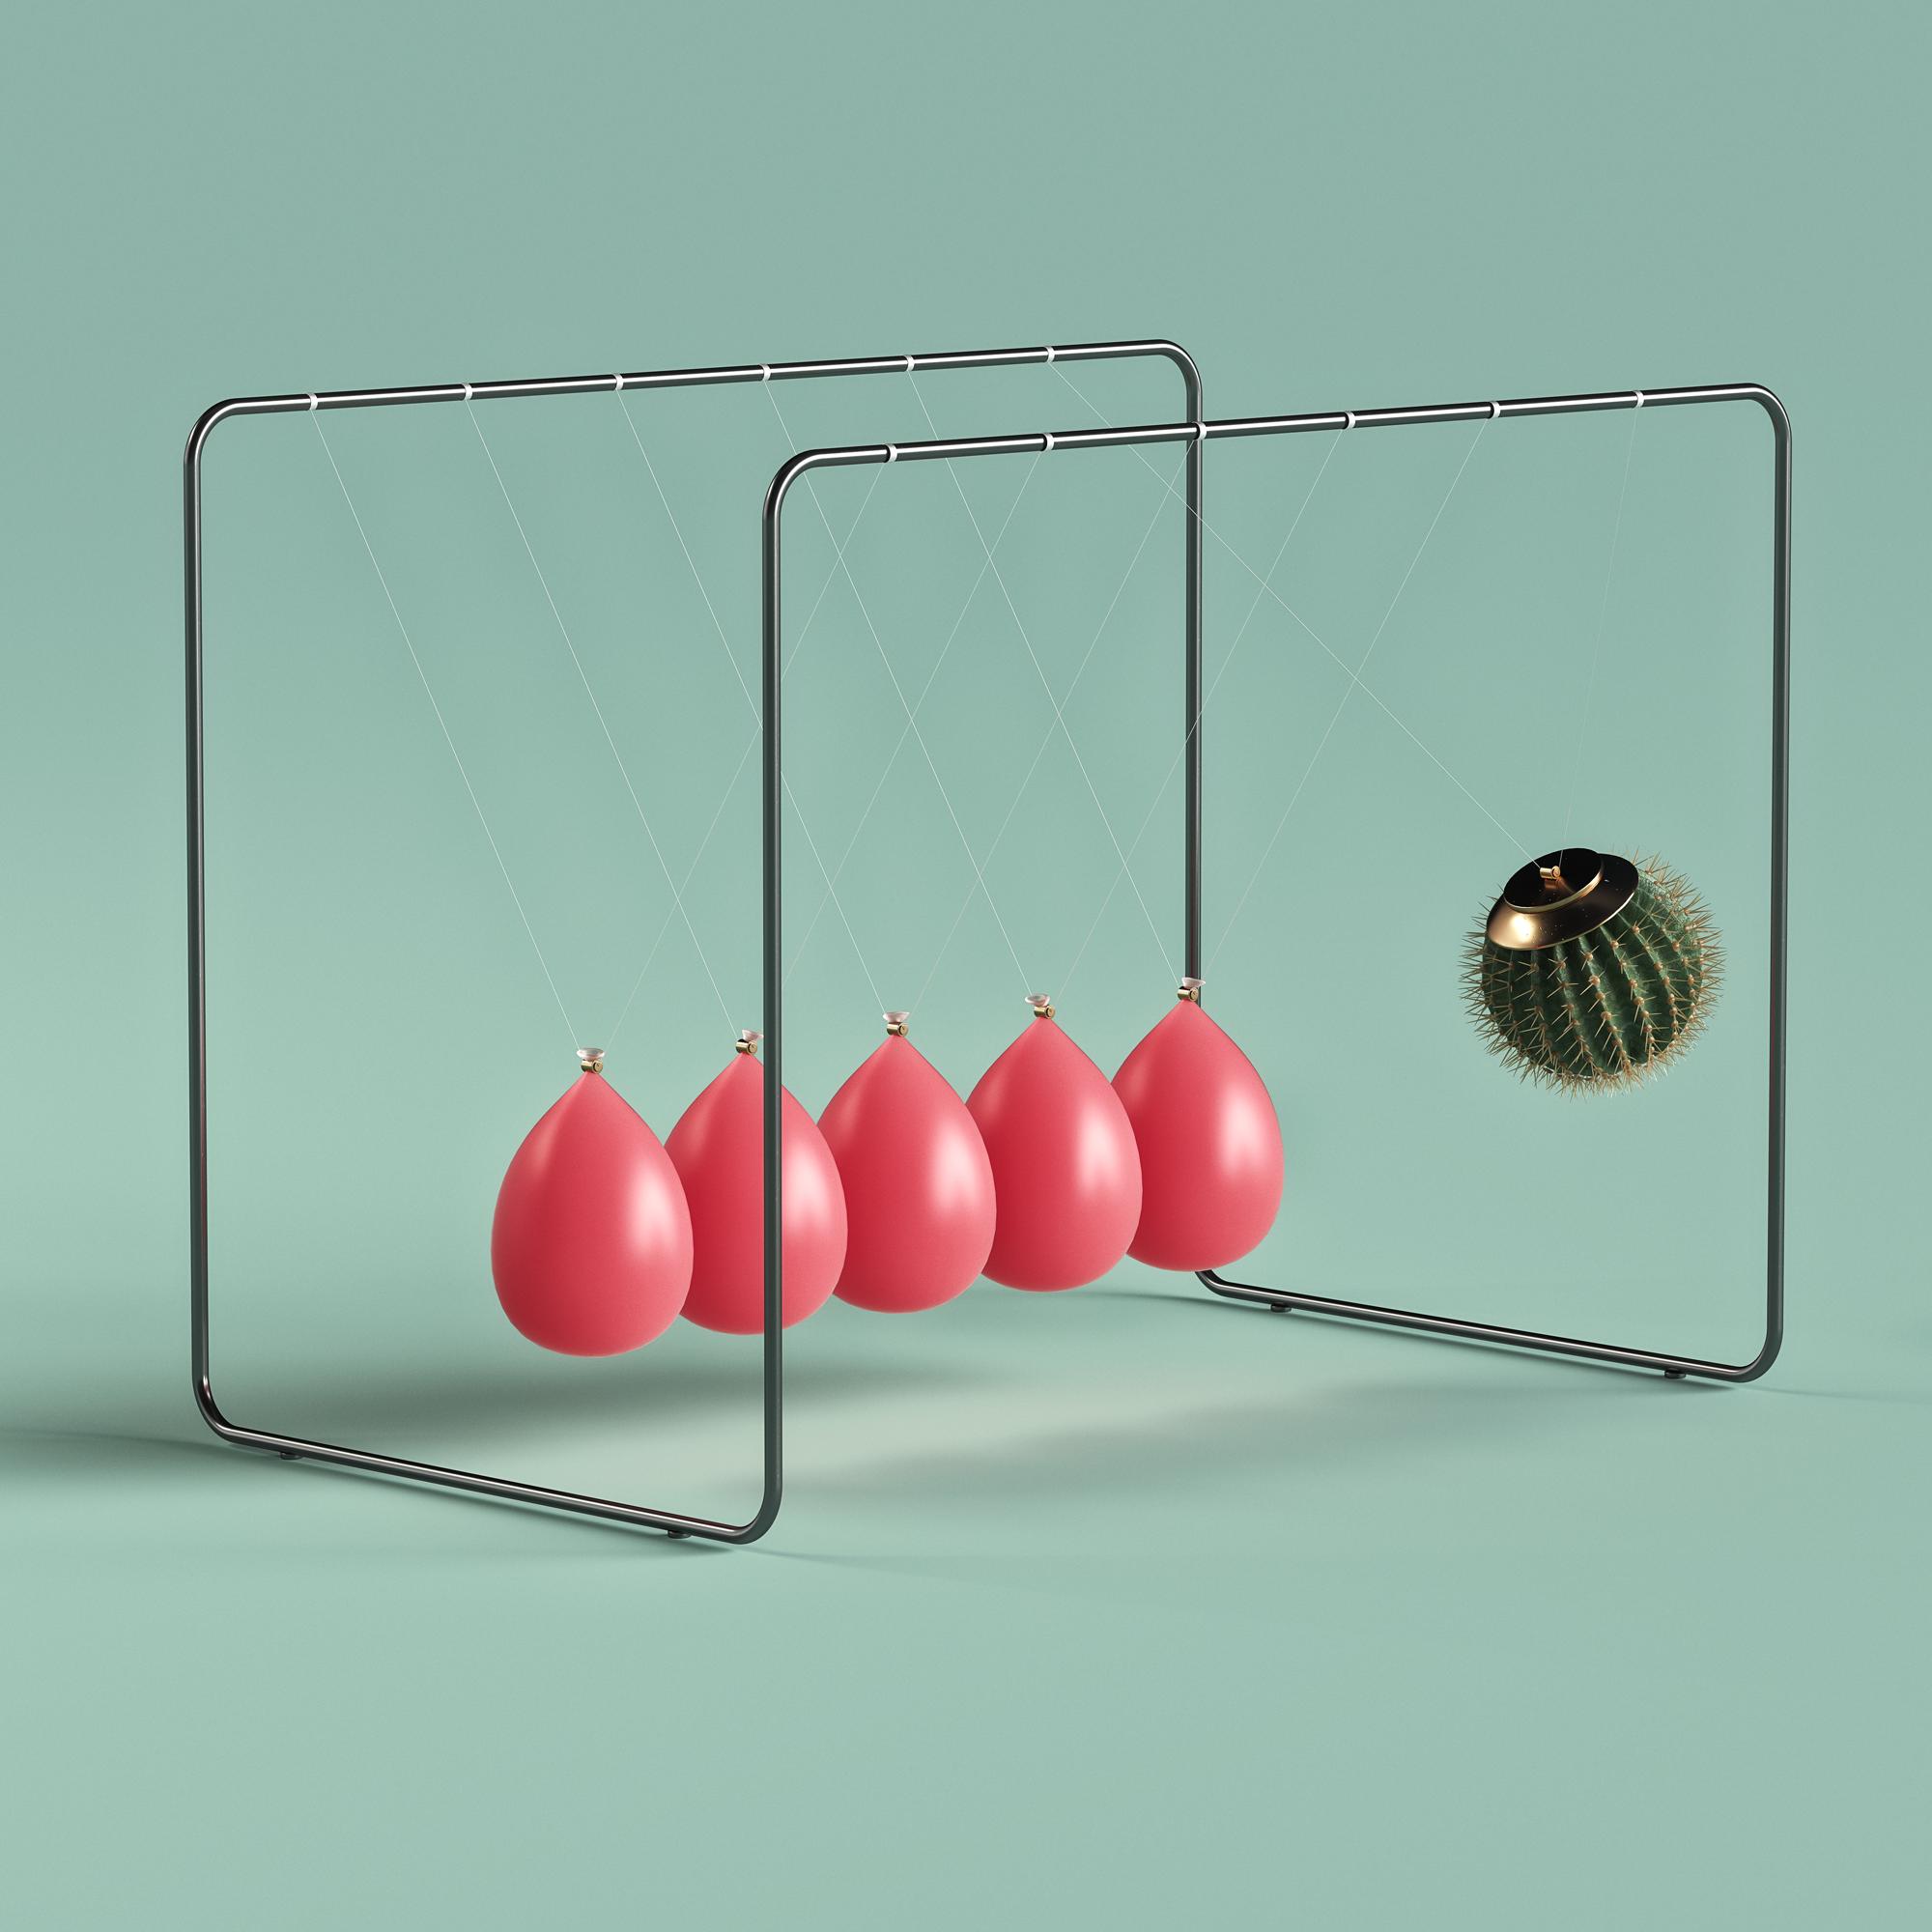 pendulum_swing_social.png